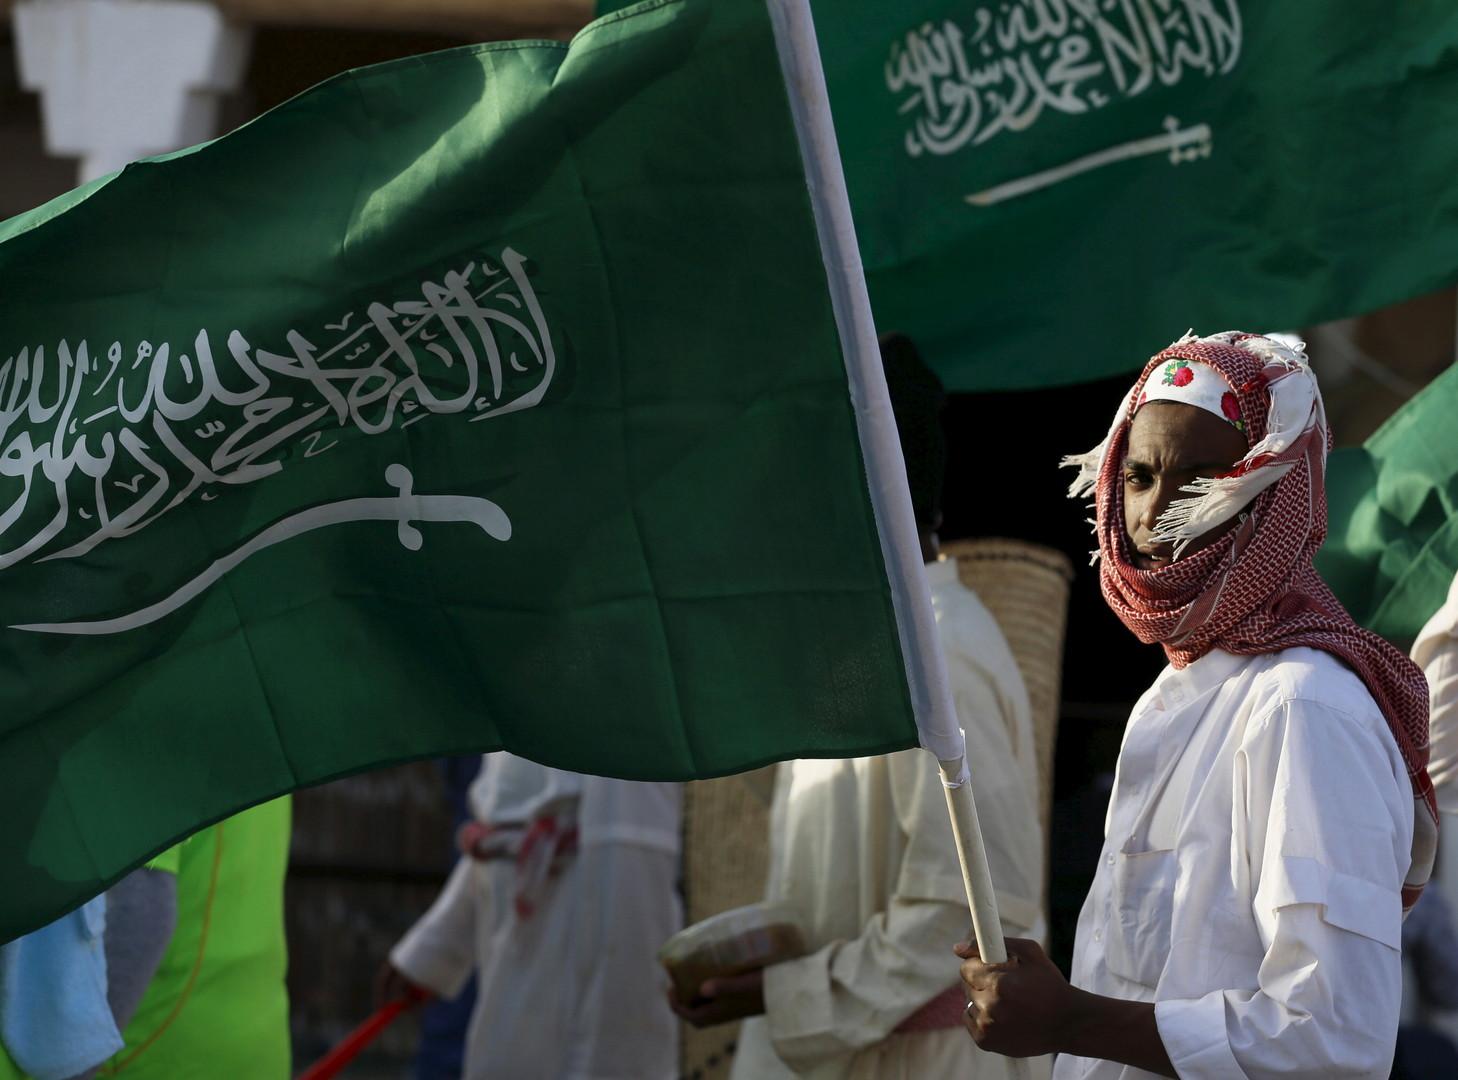 السعودية ترد على مشرعة أمريكية تتهمها بـ